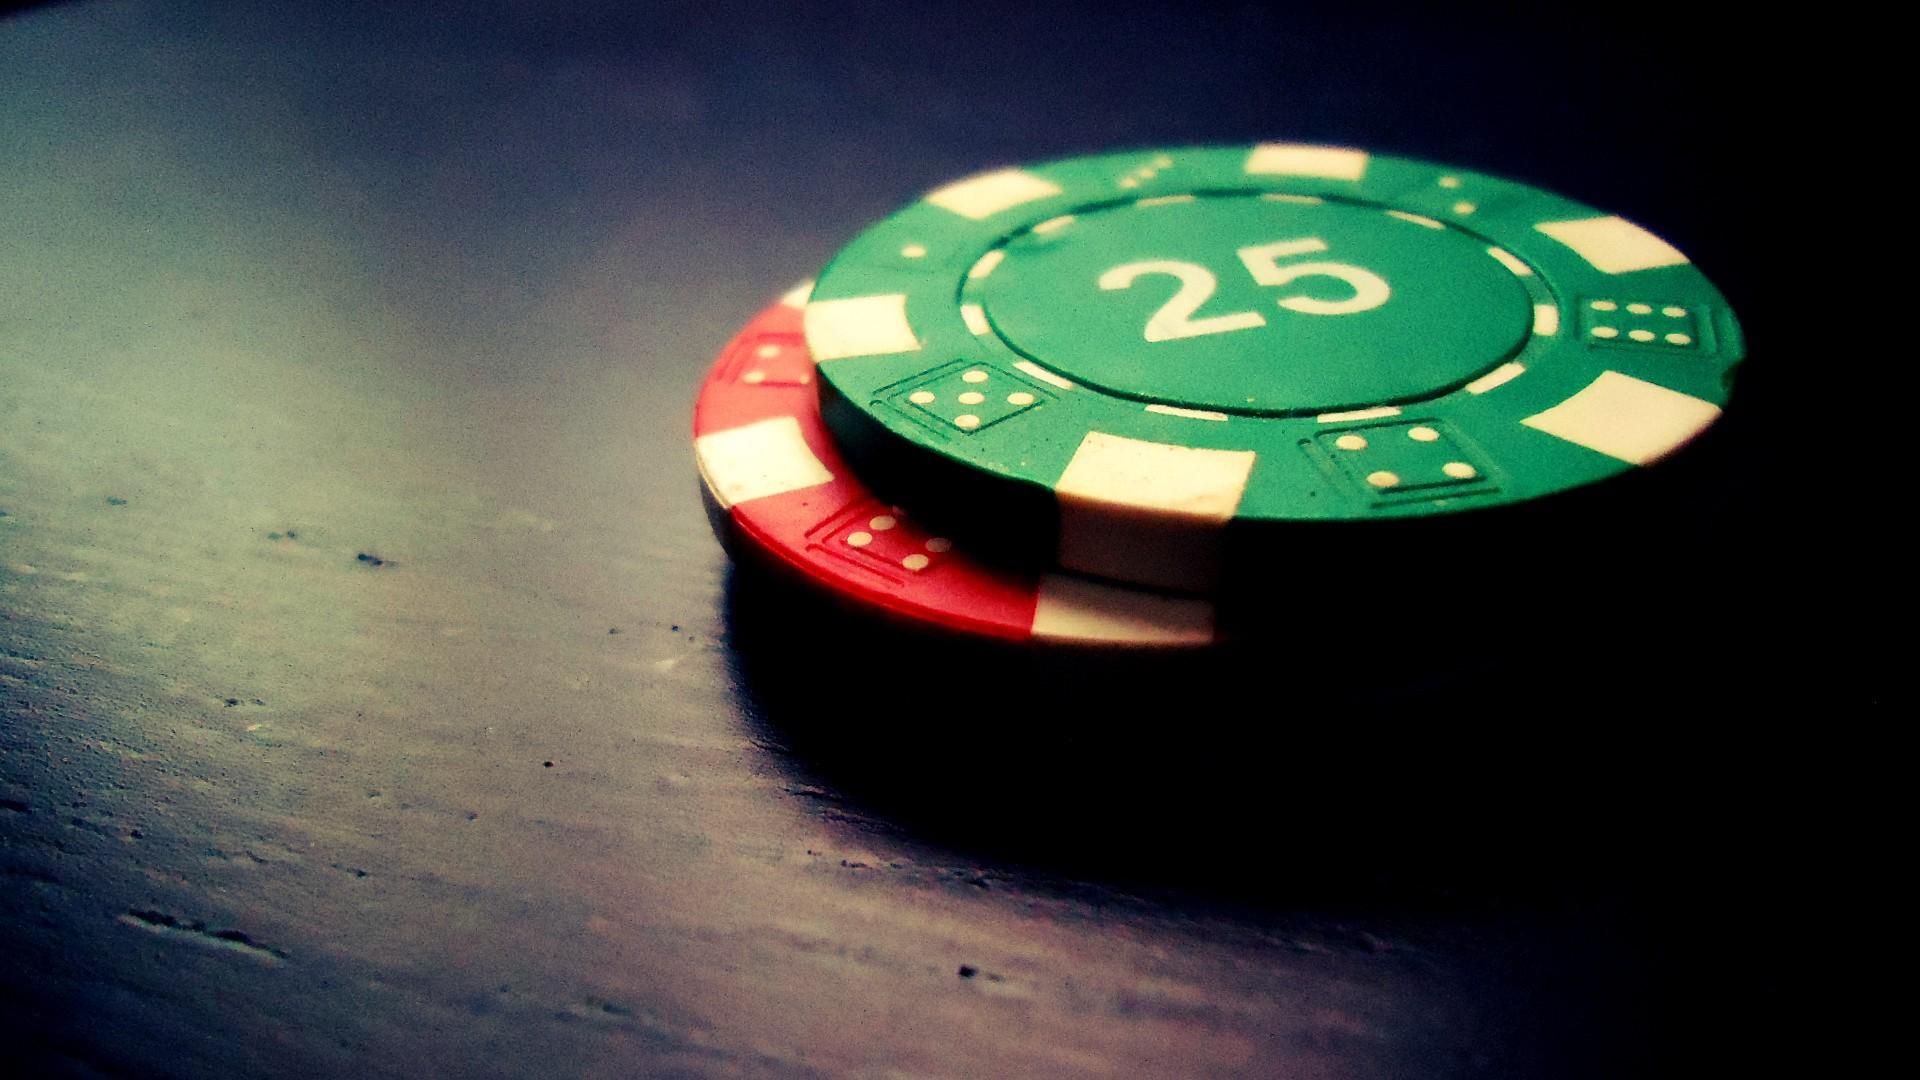 Poker table background - Poker Full Hd Background